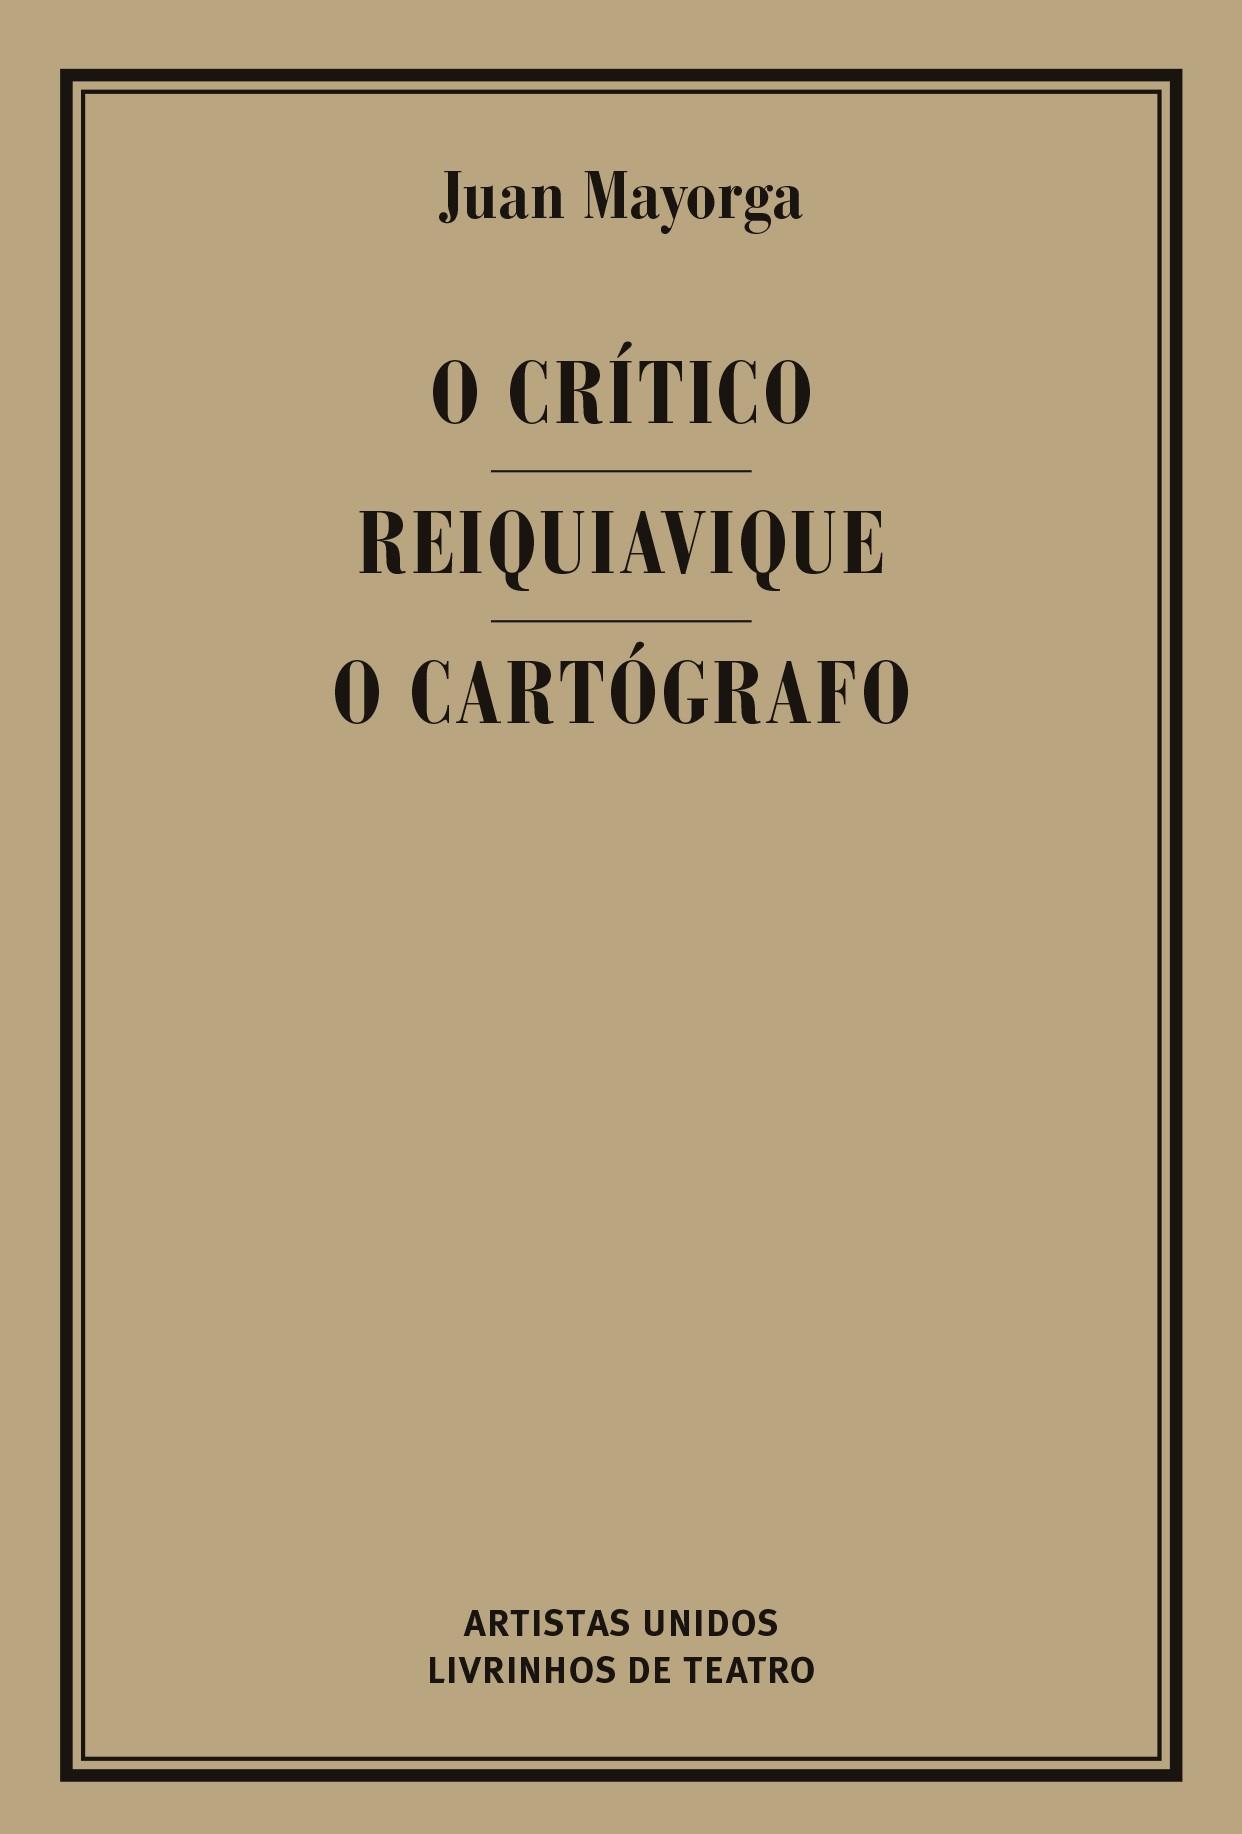 O CRÍTICO / REIQUIAVIQUE / O CARTÓGRAFO